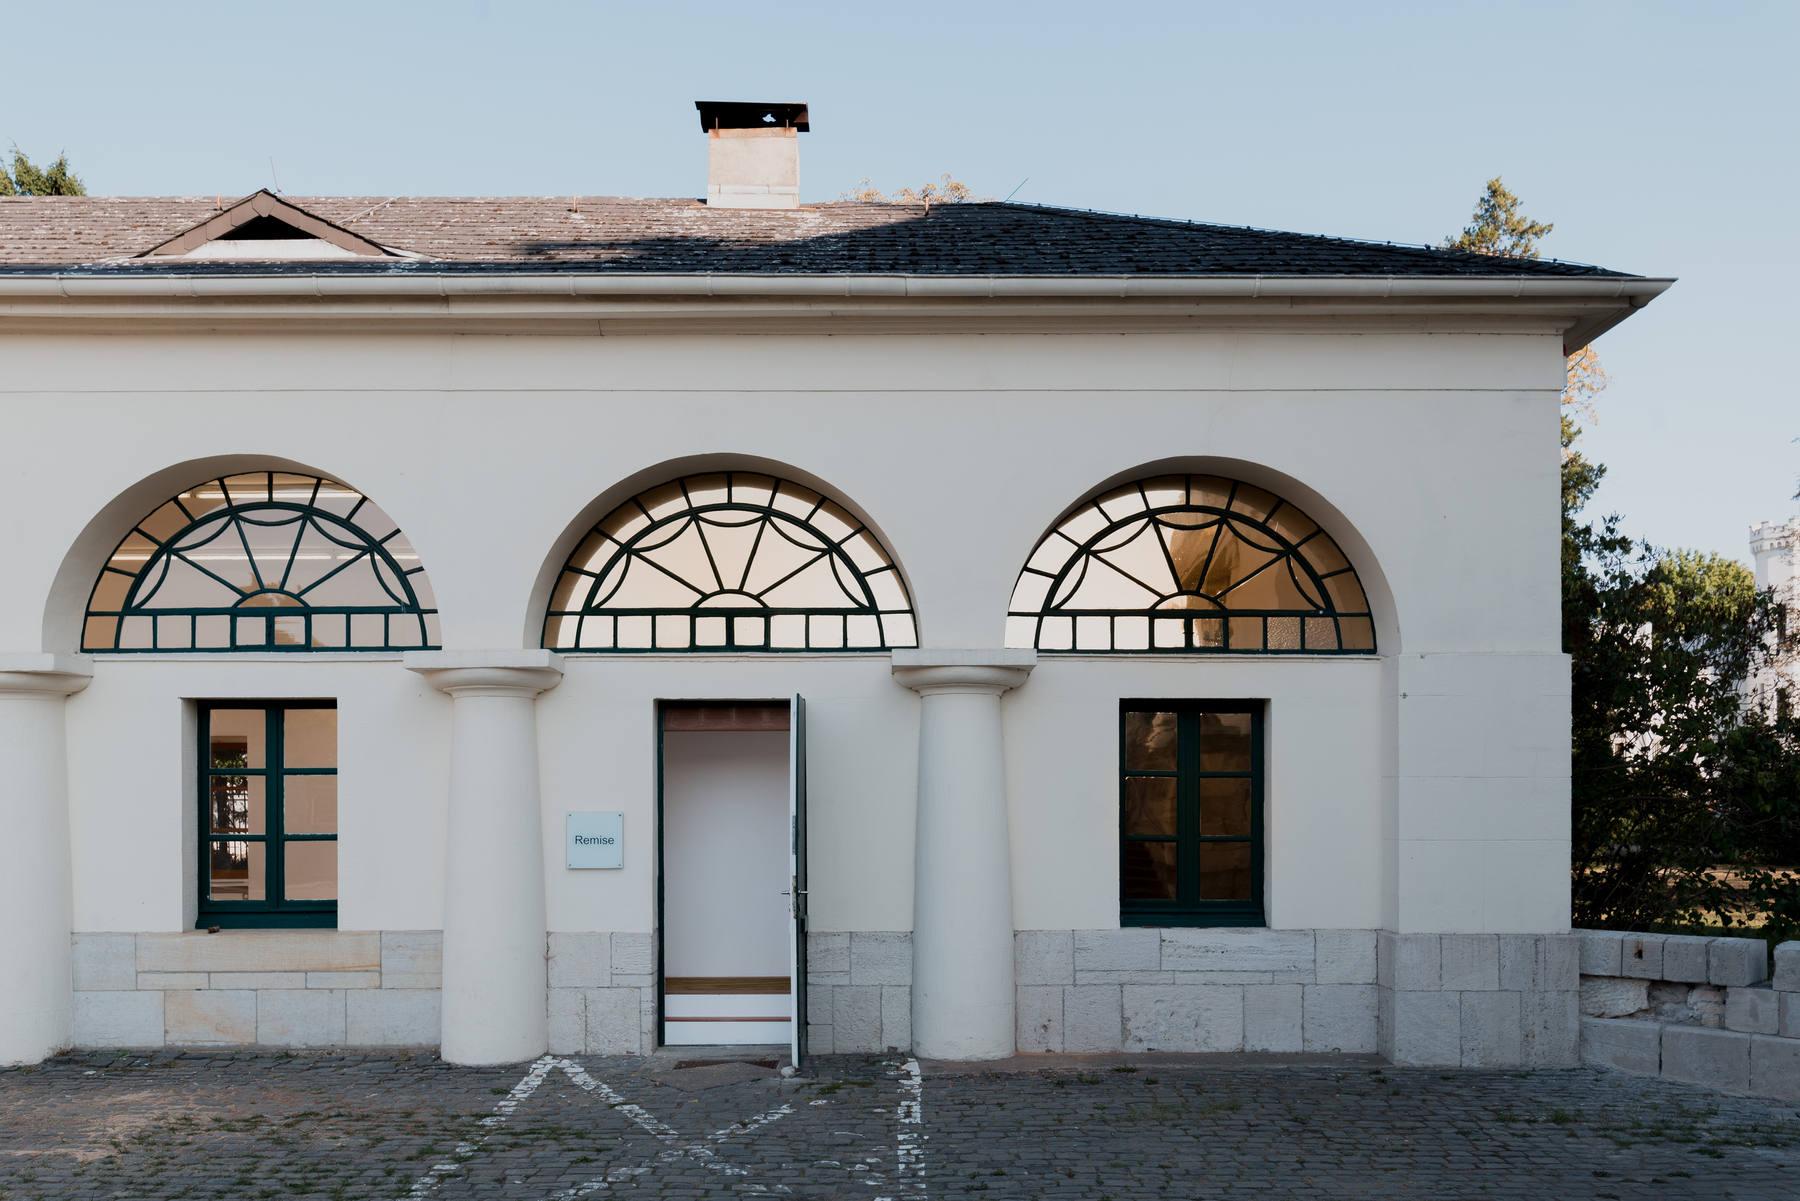 Entreprise D Architecture Lyon camille blatrix at kunstverein braunschweig – art viewer